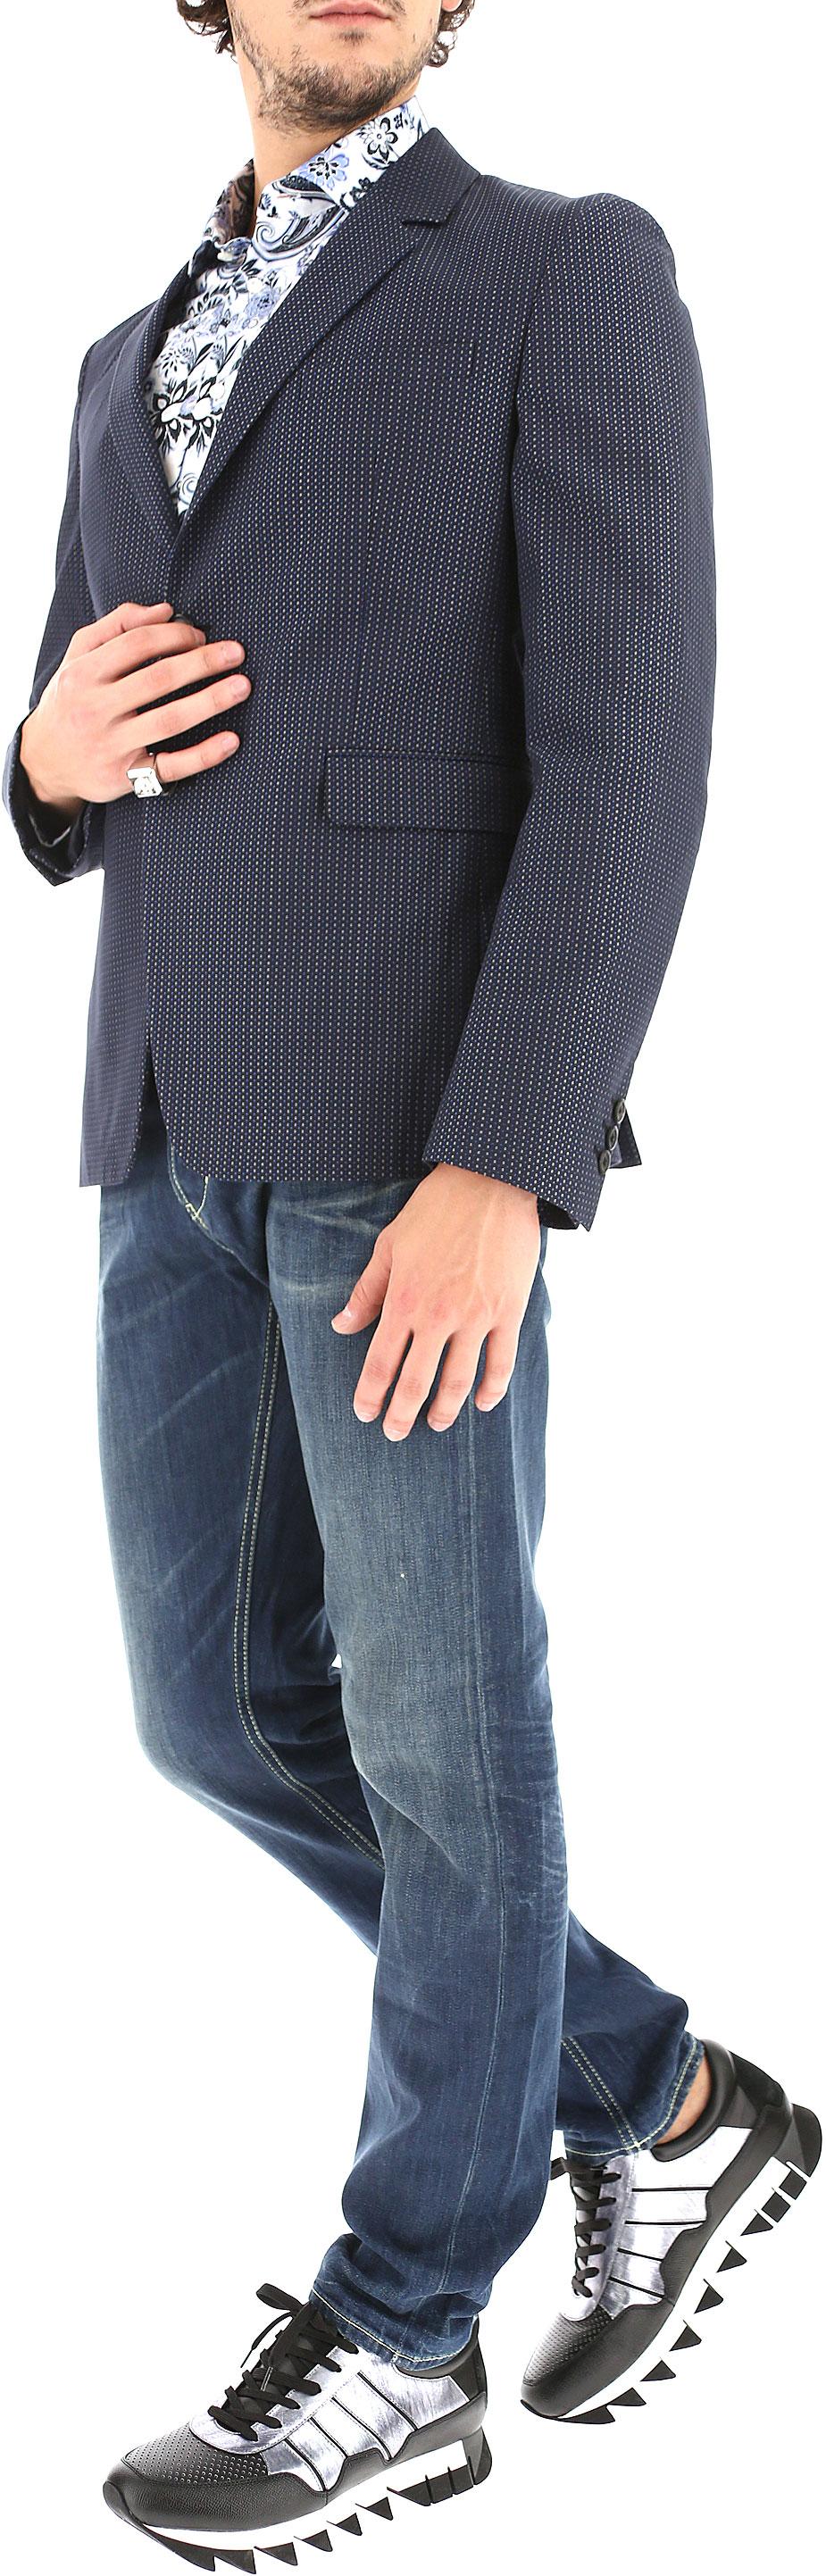 ugs817 Uomo Abbigliamento Abbigliamento Articolo Uomo Prada ww5 a415bis Codice YOPSnqw